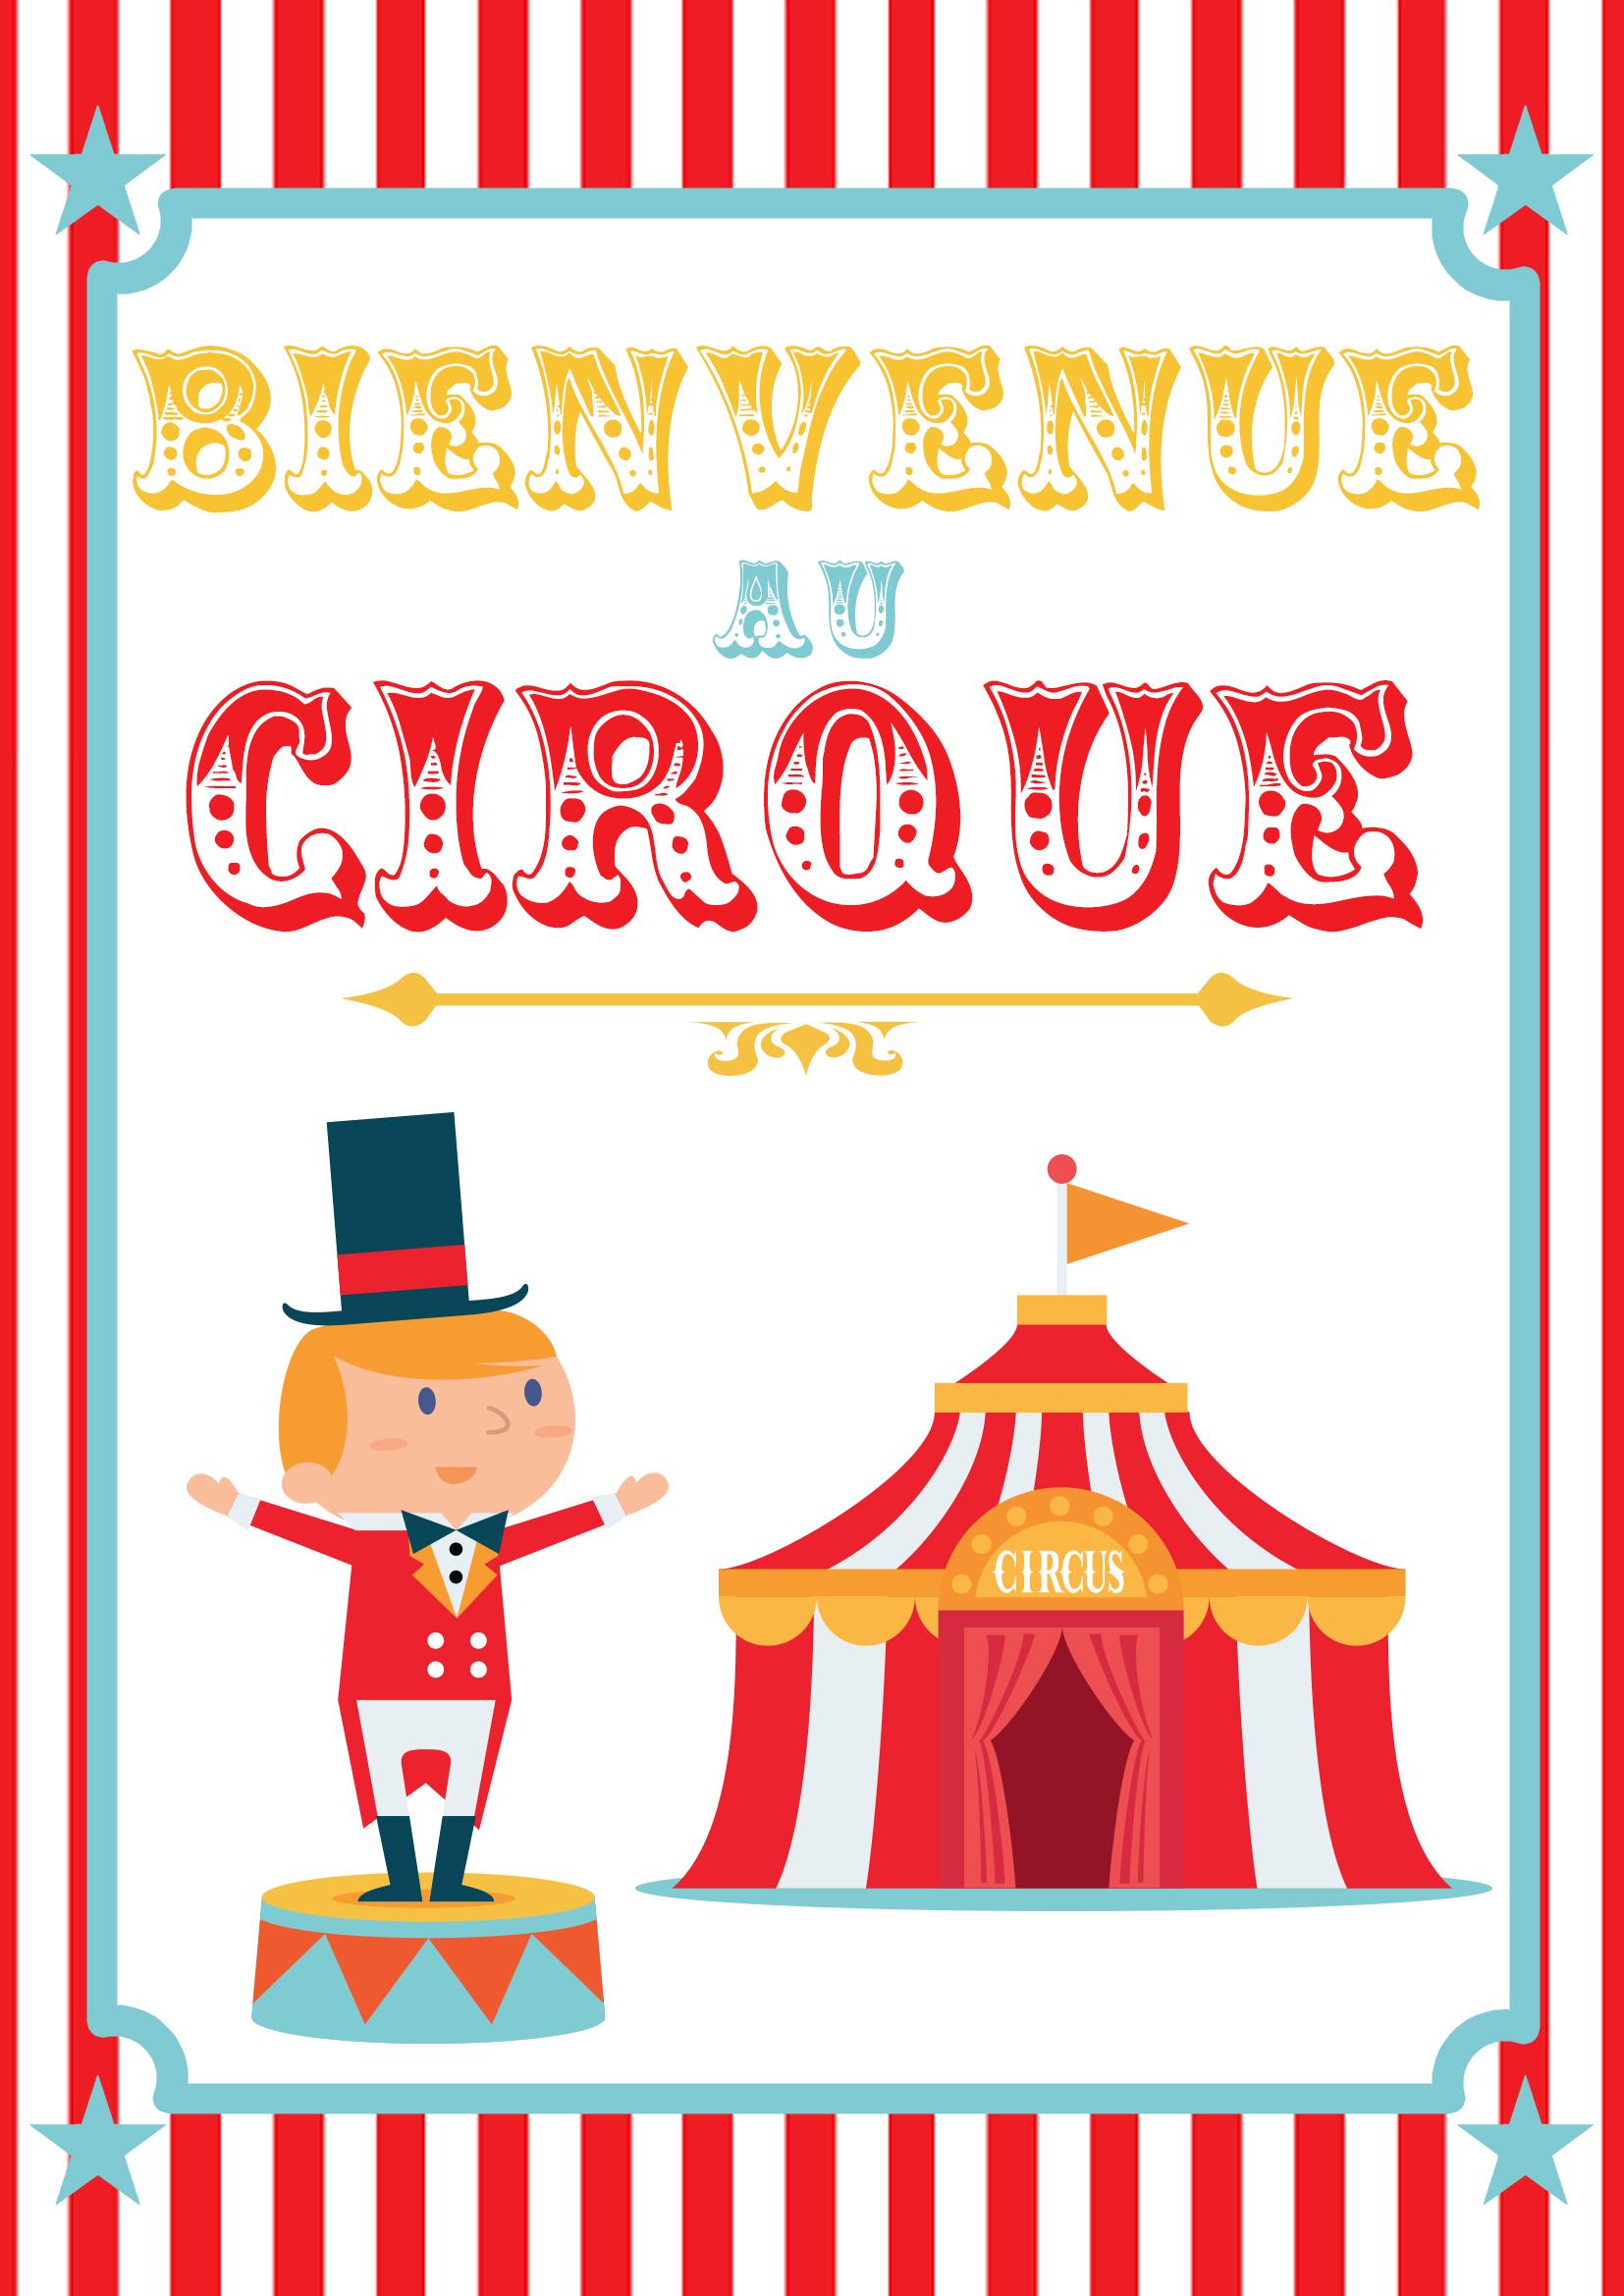 Hervorragend Poster cirque à imprimer - Momes.net MJ22